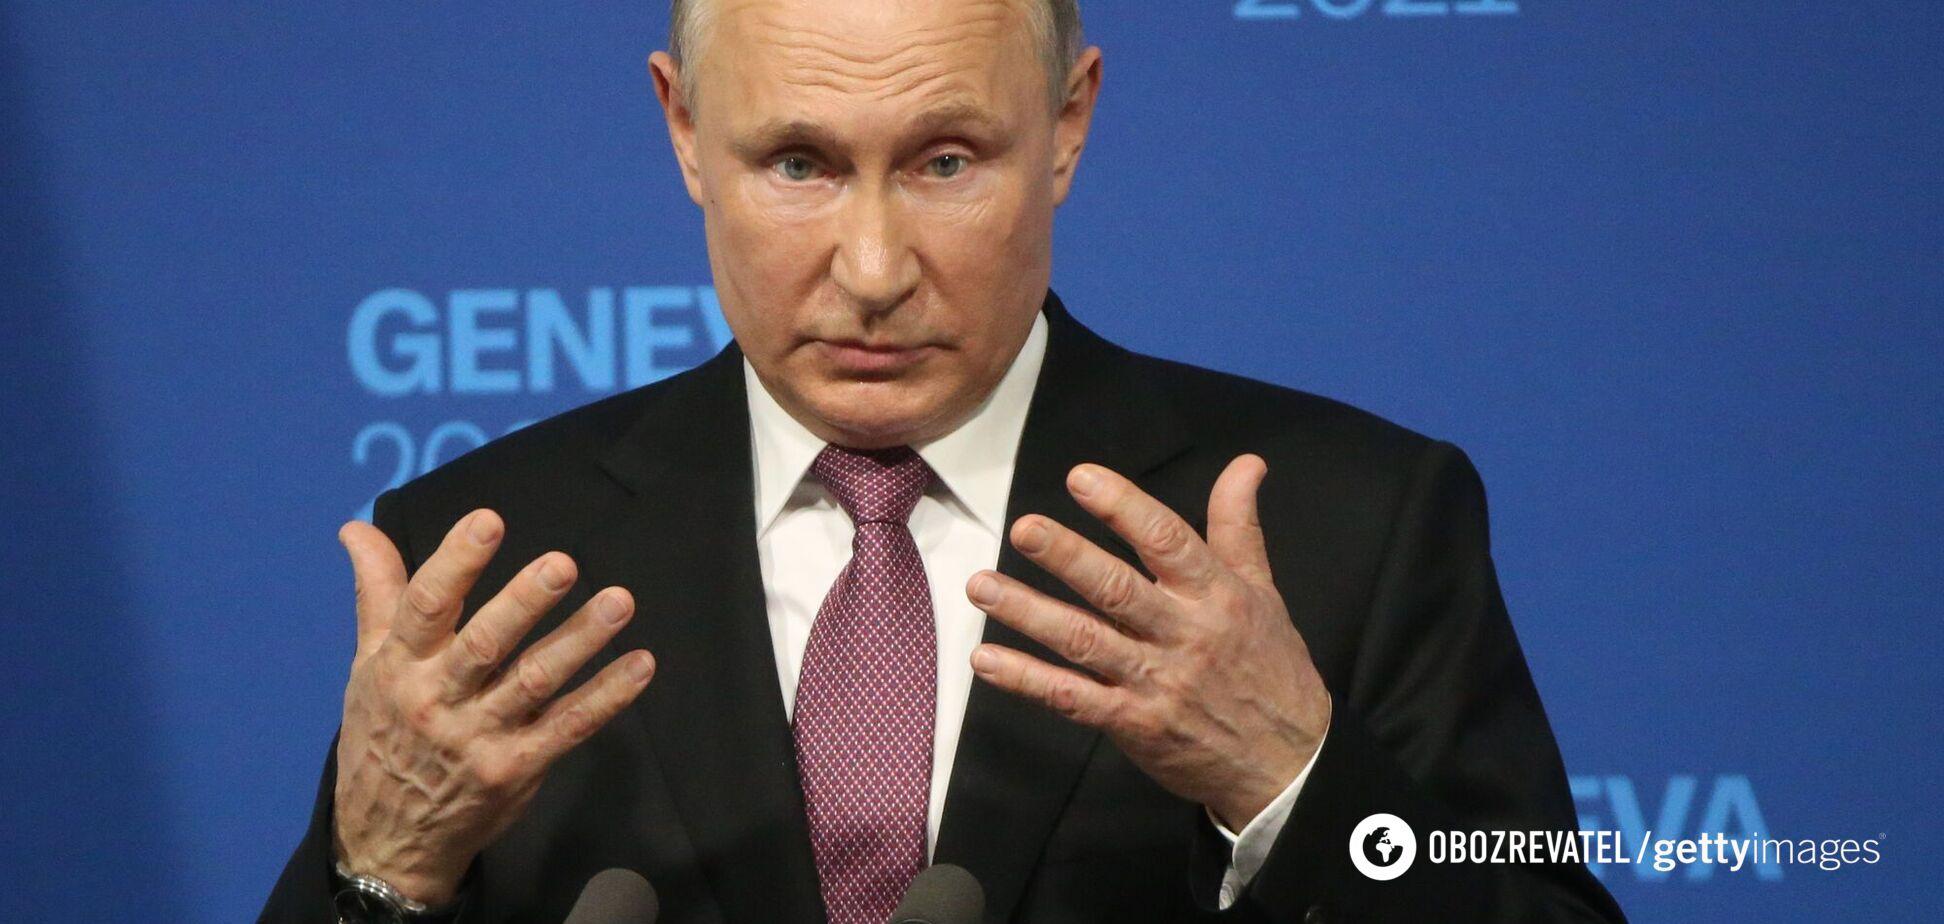 Орда давно распалась, только Россия этого не замечает